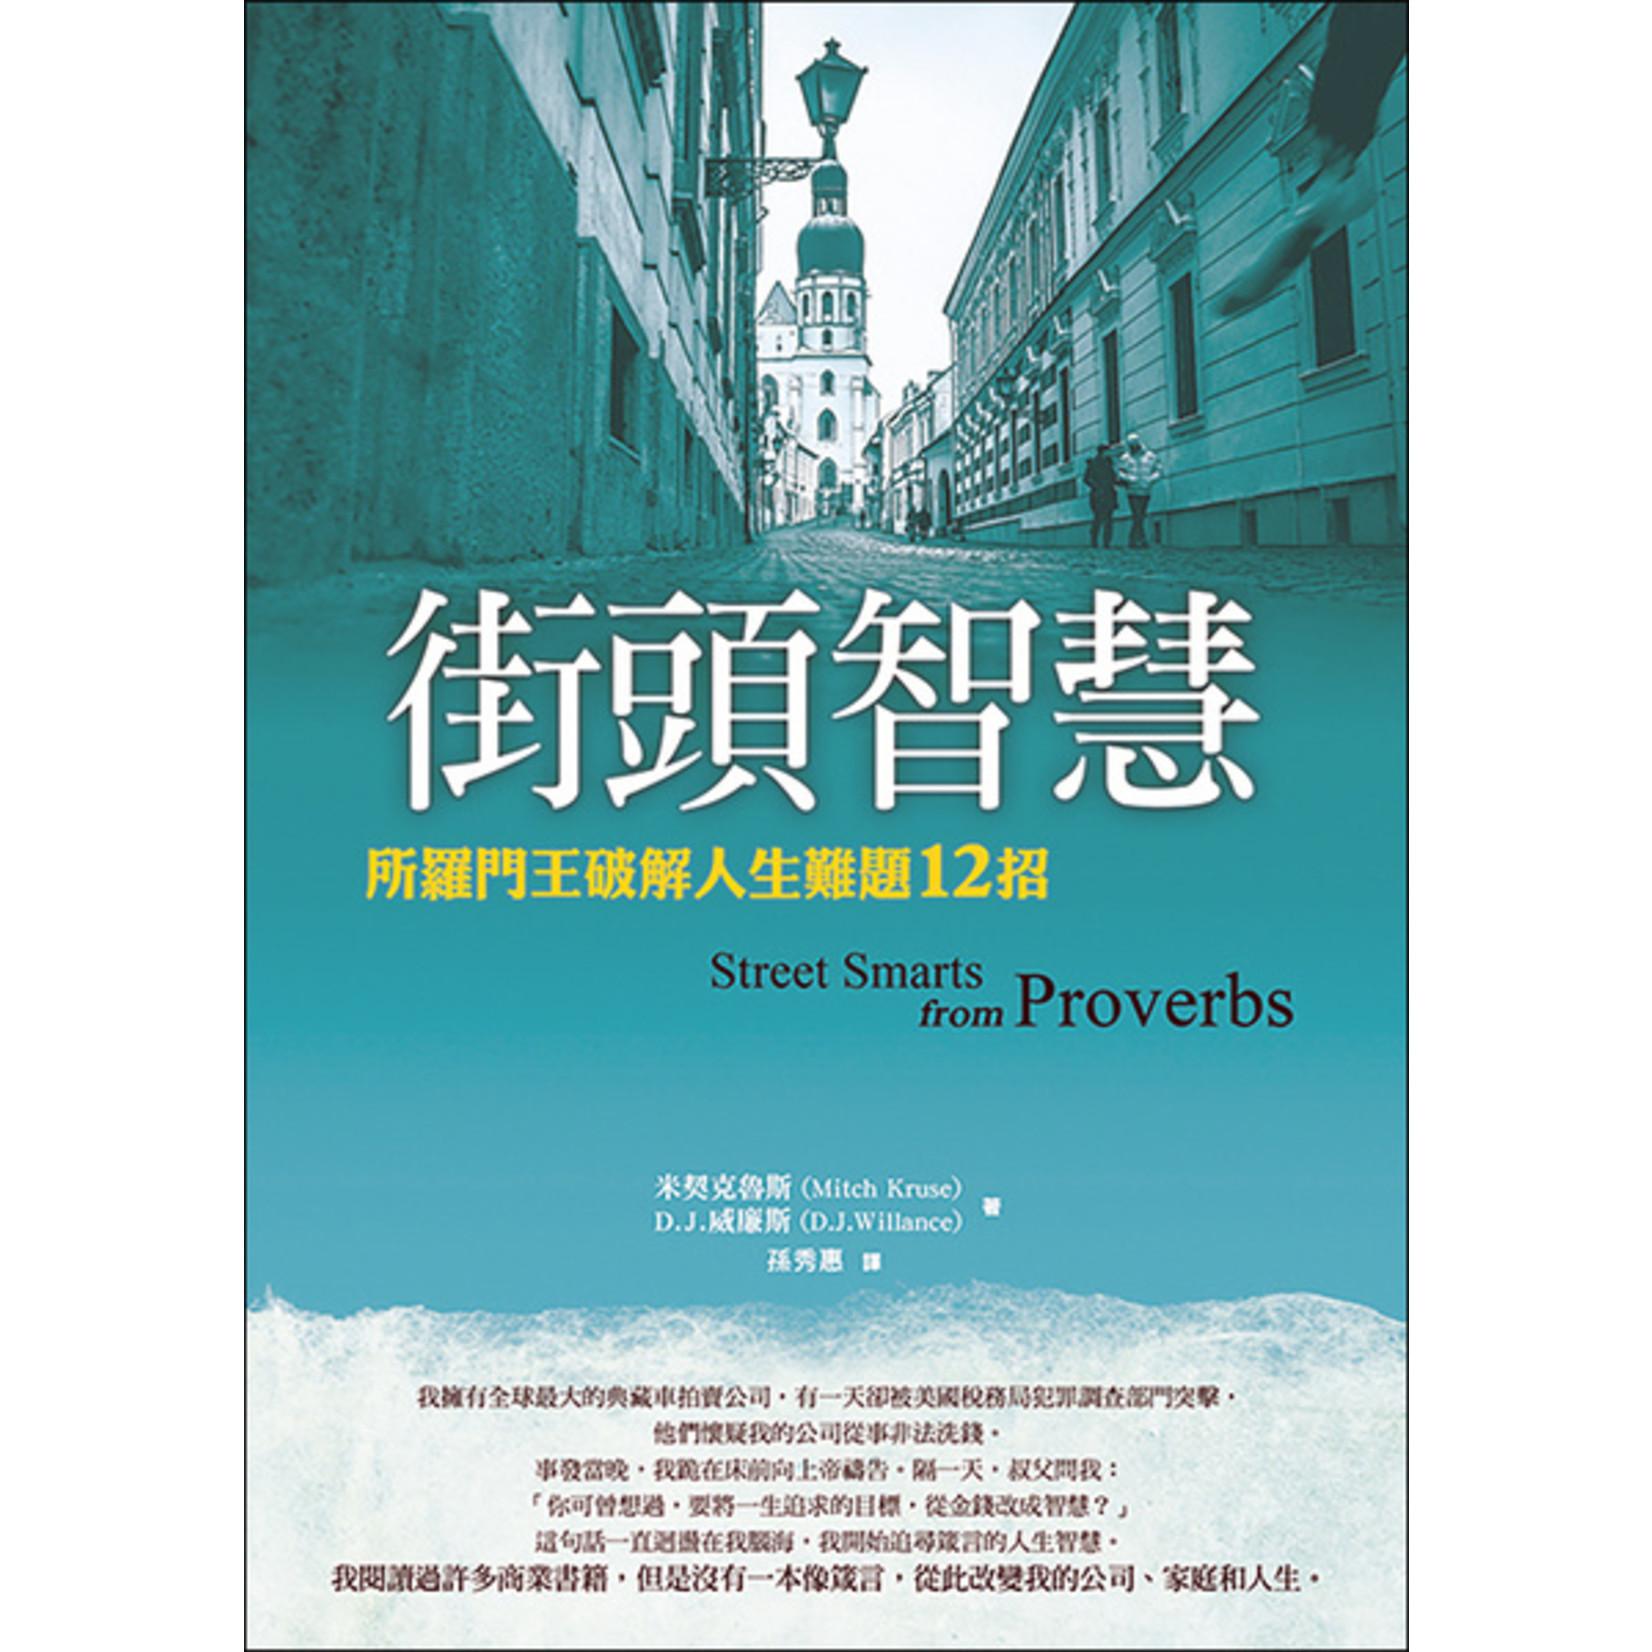 道聲 Taosheng Taiwan 街頭智慧:所羅門王破解人生難題12招 Street Smarts from Proverbs